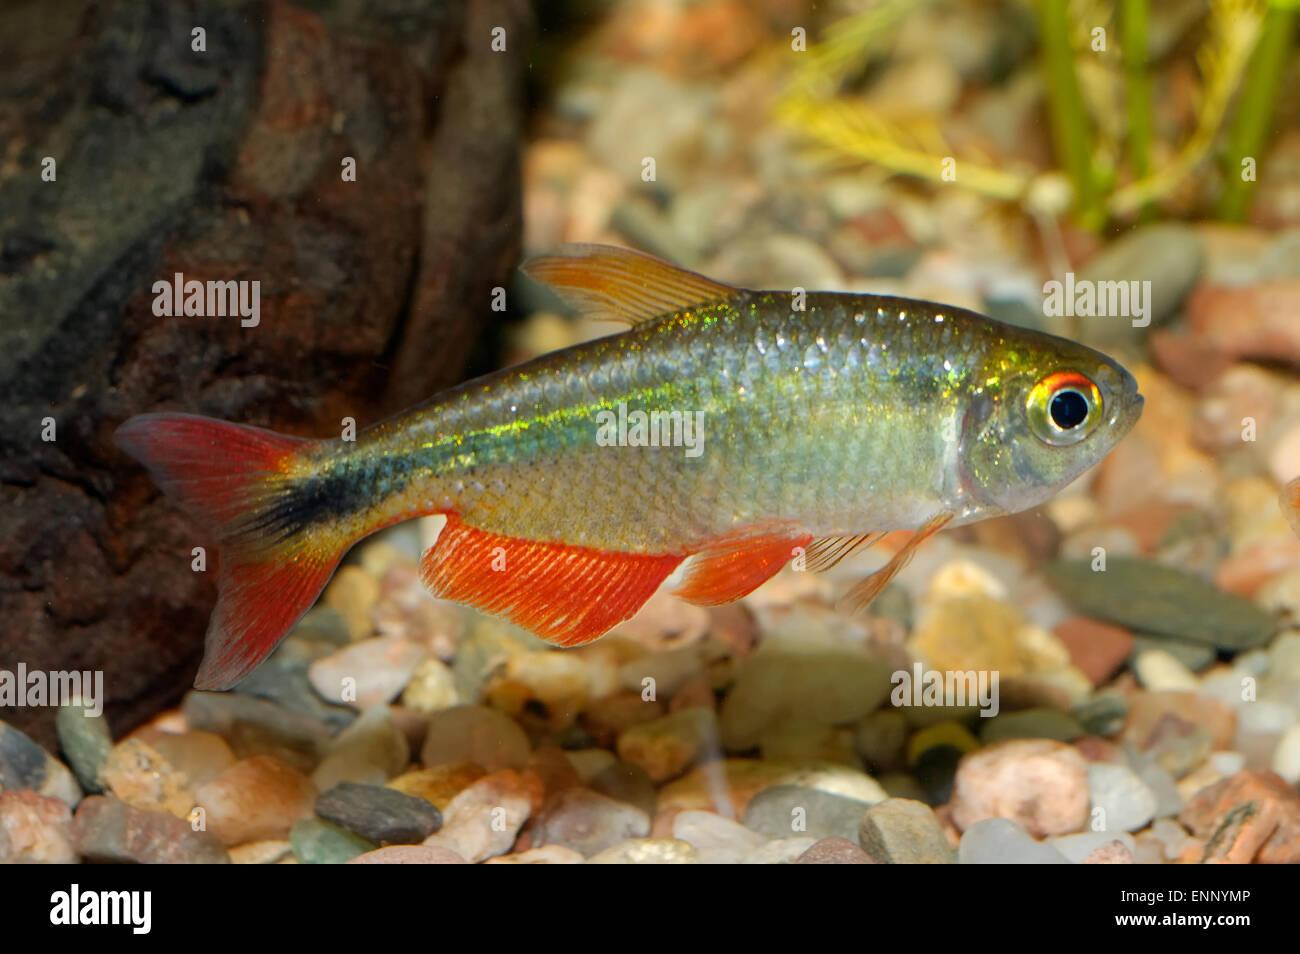 Aquarium fish from genus Astyanax. - Stock Image